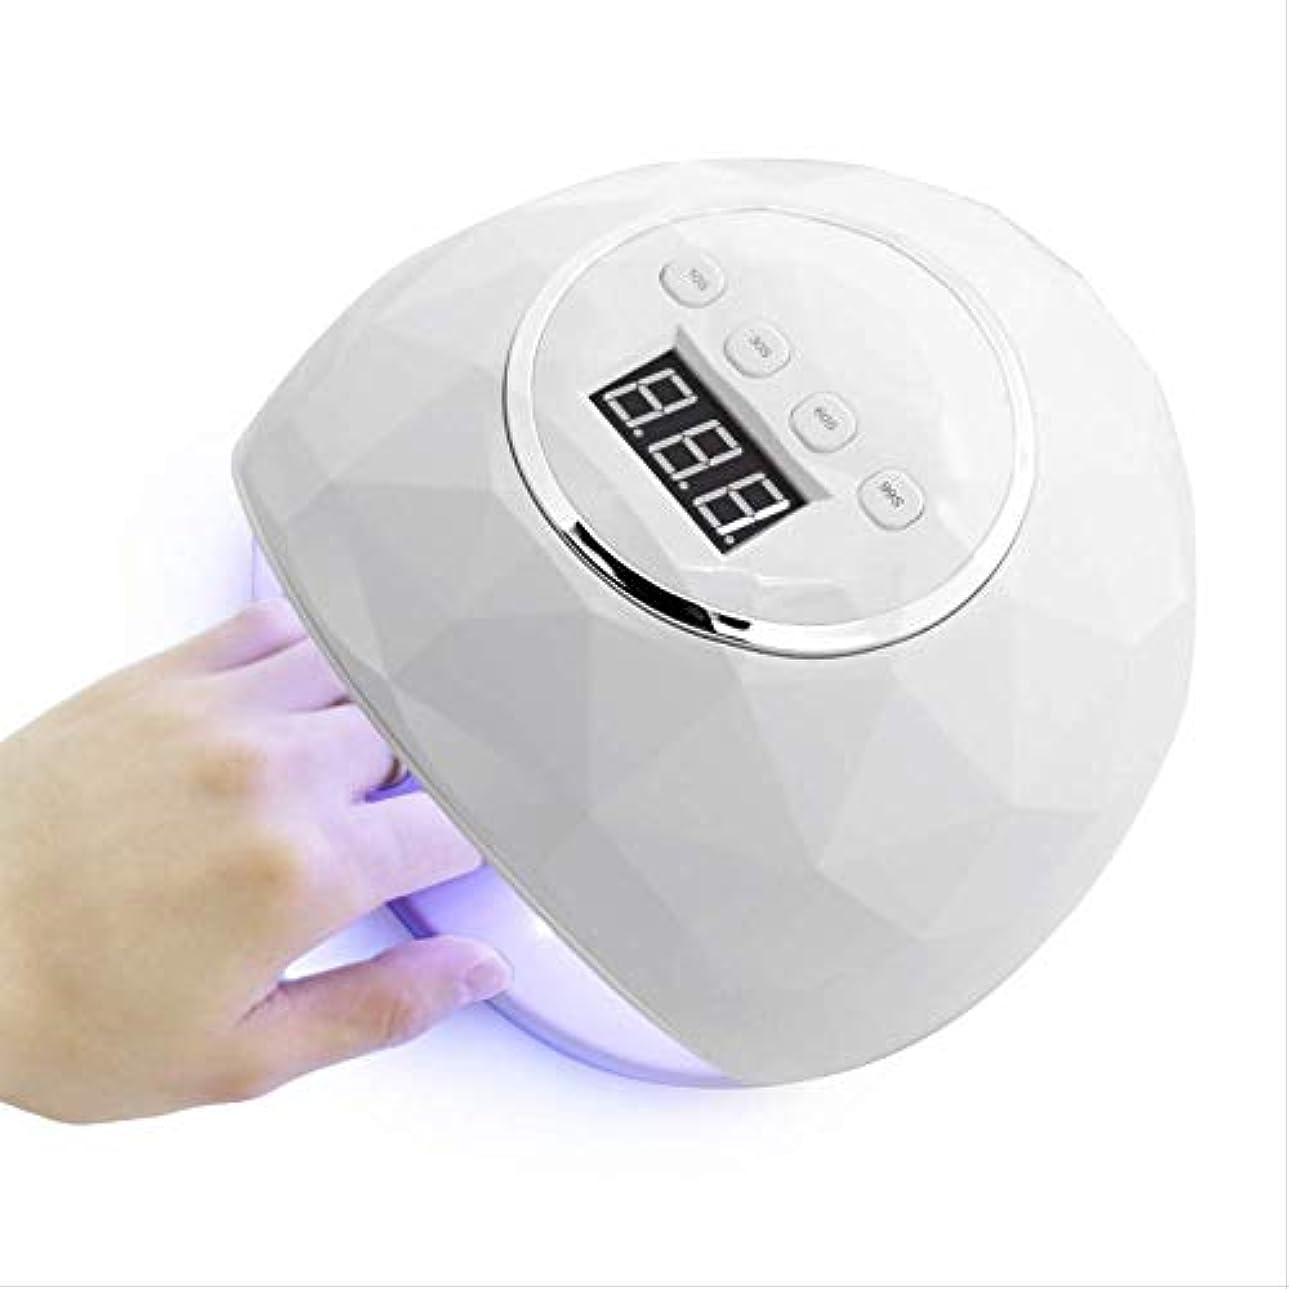 講堂赤面定説RRSHUN 86w UV LEDランプネイルドライヤー39ピースLedデュアルハンドネイルランプUVジェルマニキュアセンサータイマーLcdディスプレイを硬化